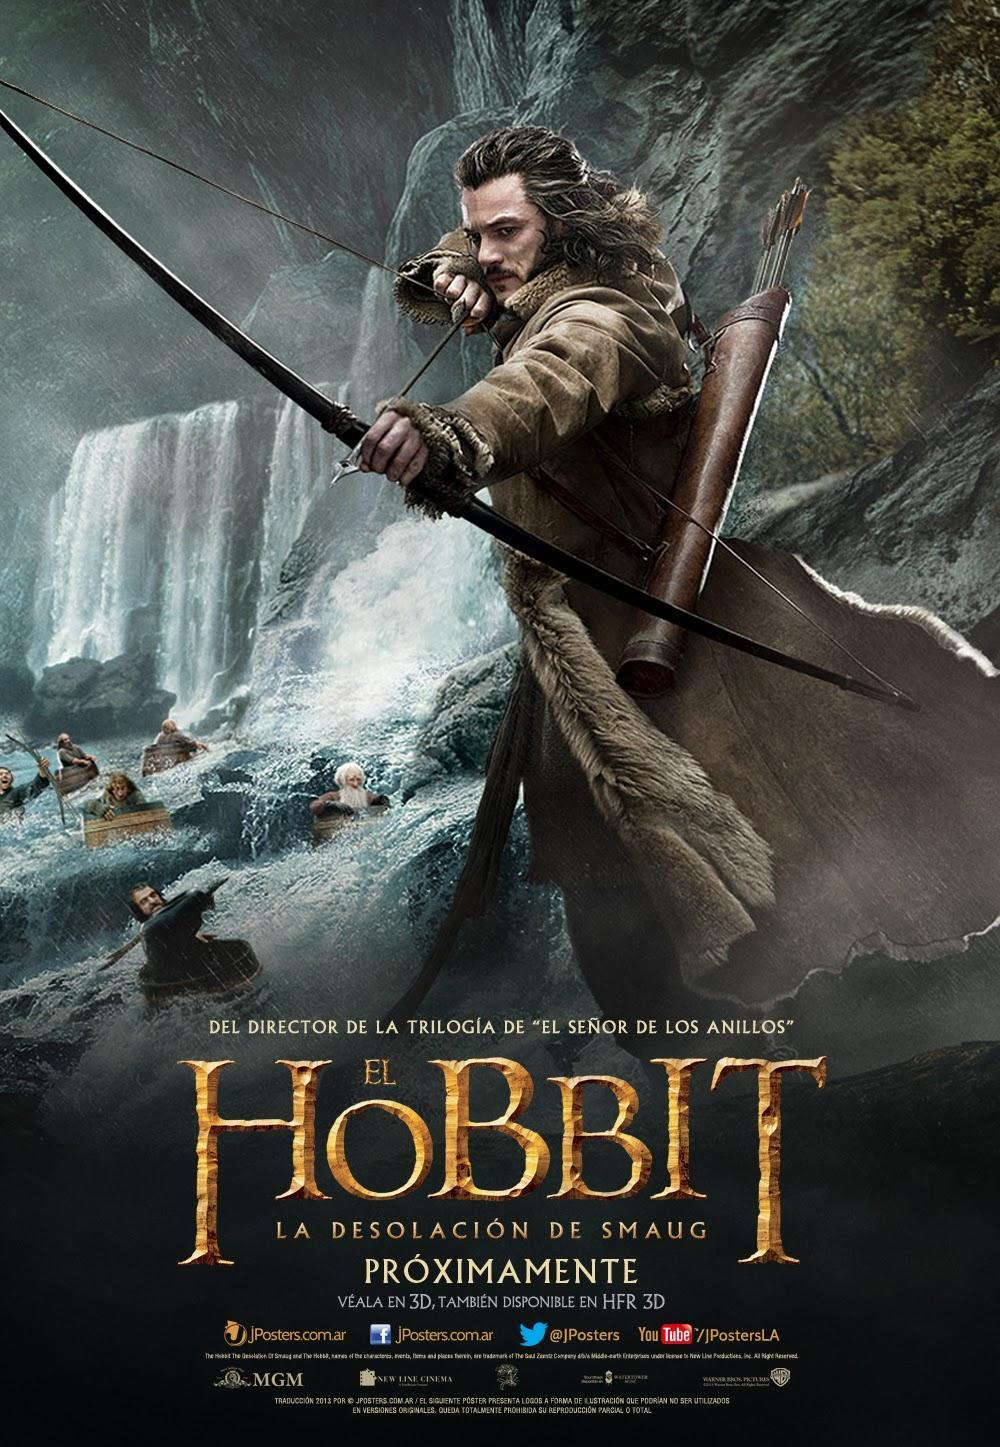 El_Hobbit_La_Desolación_De_Smaug_Nuevo_Poster_Latino_e_JPosters.jpg